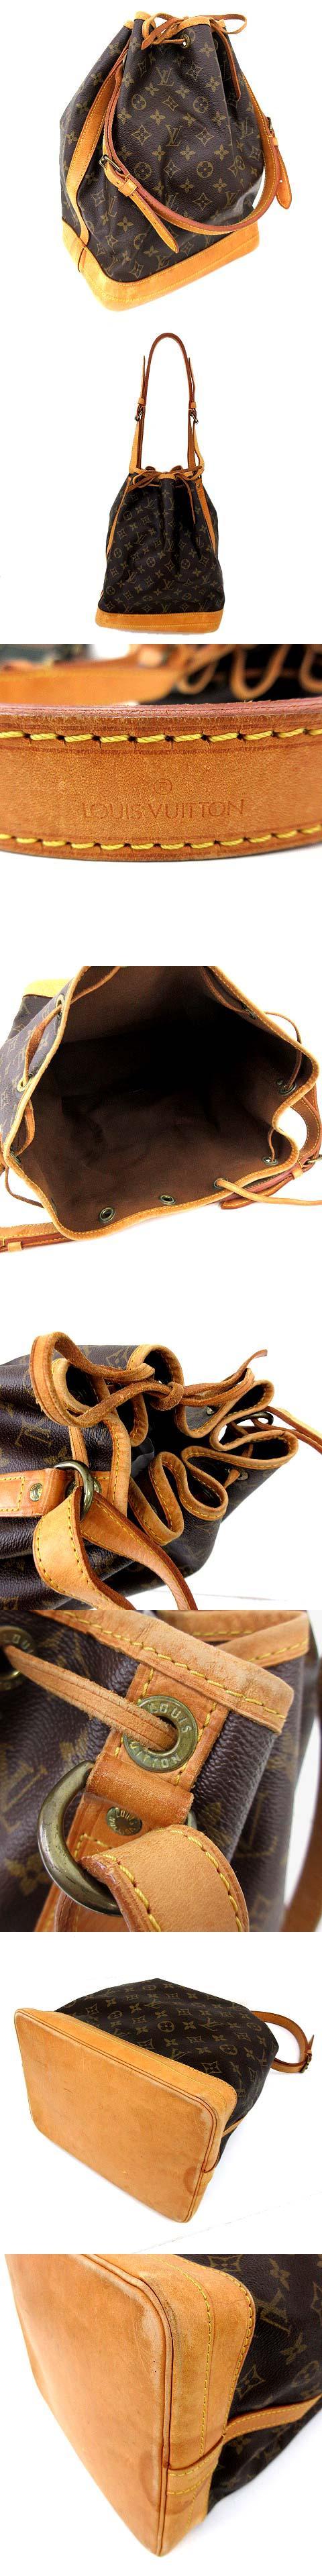 モノグラム ノエ 巾着 ショルダーバッグ 廃盤 M42224 茶 ブラウン フランス製 A